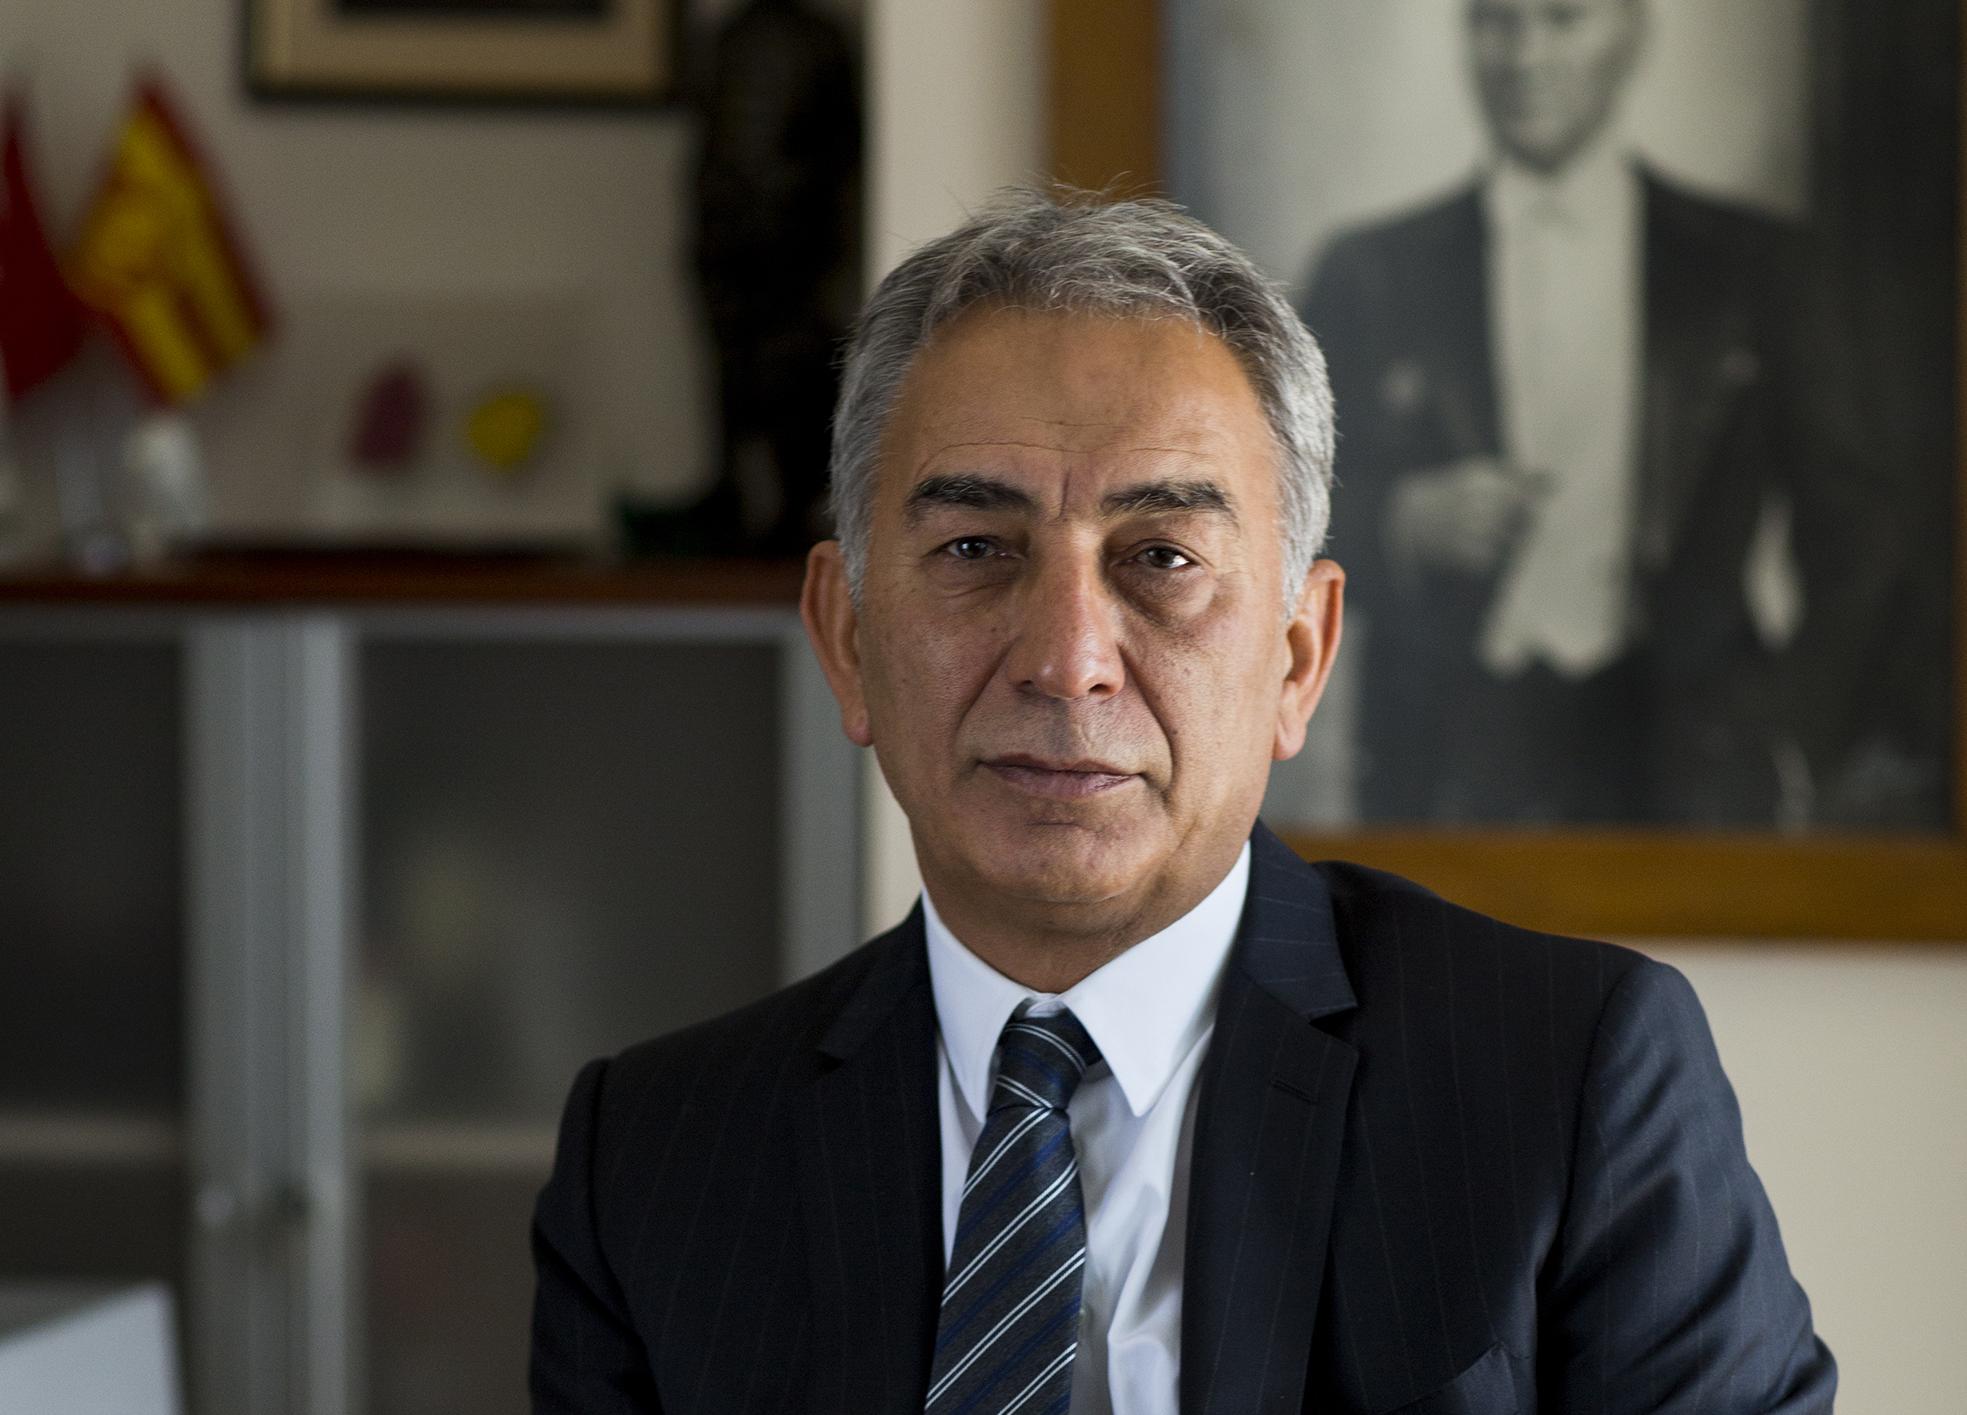 Orbánék kedvenc török milliárdosa napelemekkel rakná tele Magyarországot